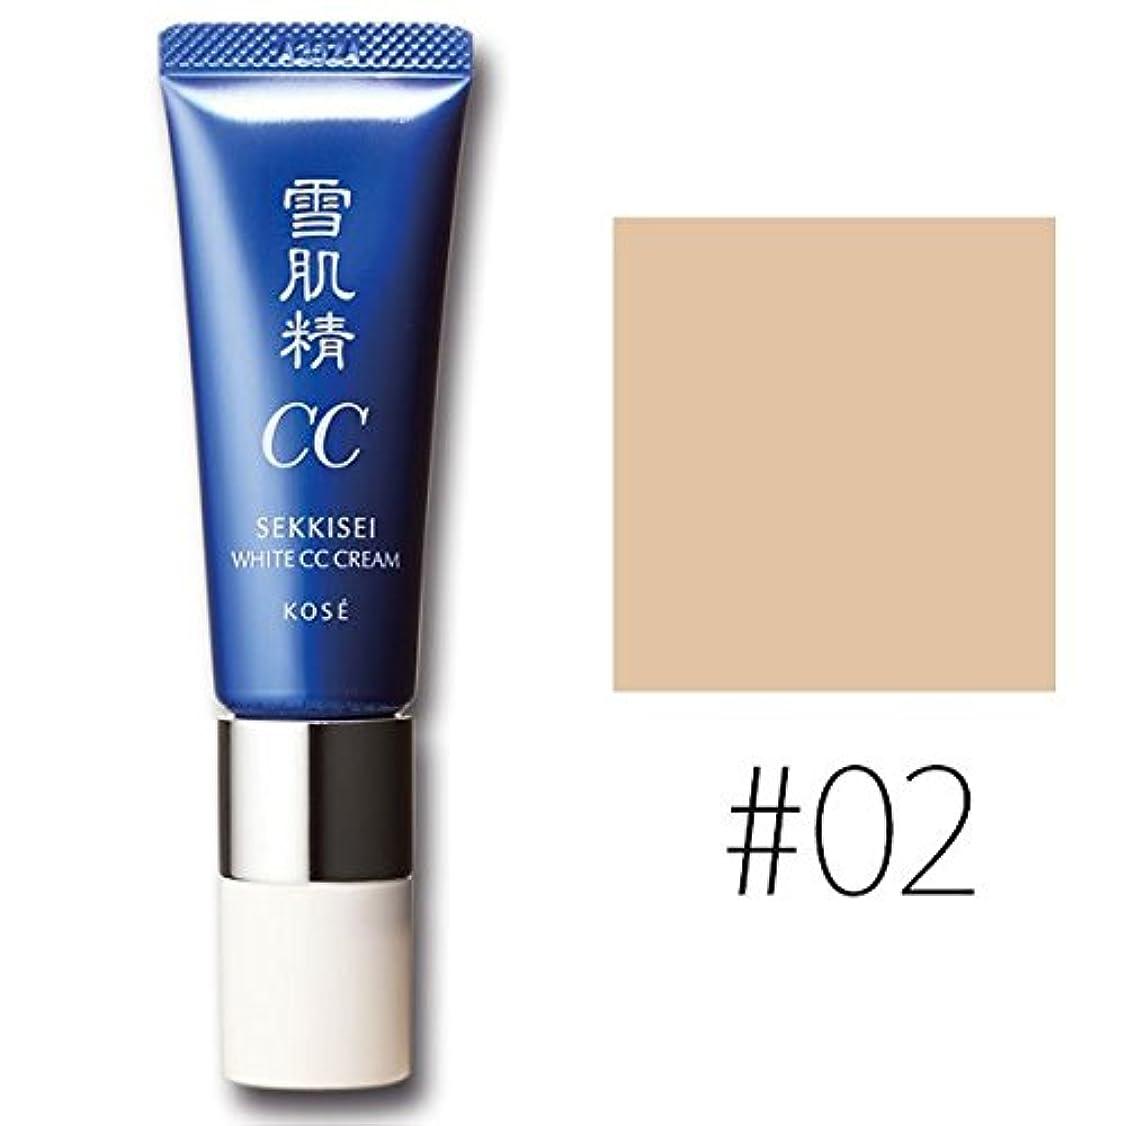 メルボルン生き残り野望コーセー 雪肌精 ホワイト CCクリーム【#02】 #OCHRE SPF50+/PA++++ 30g